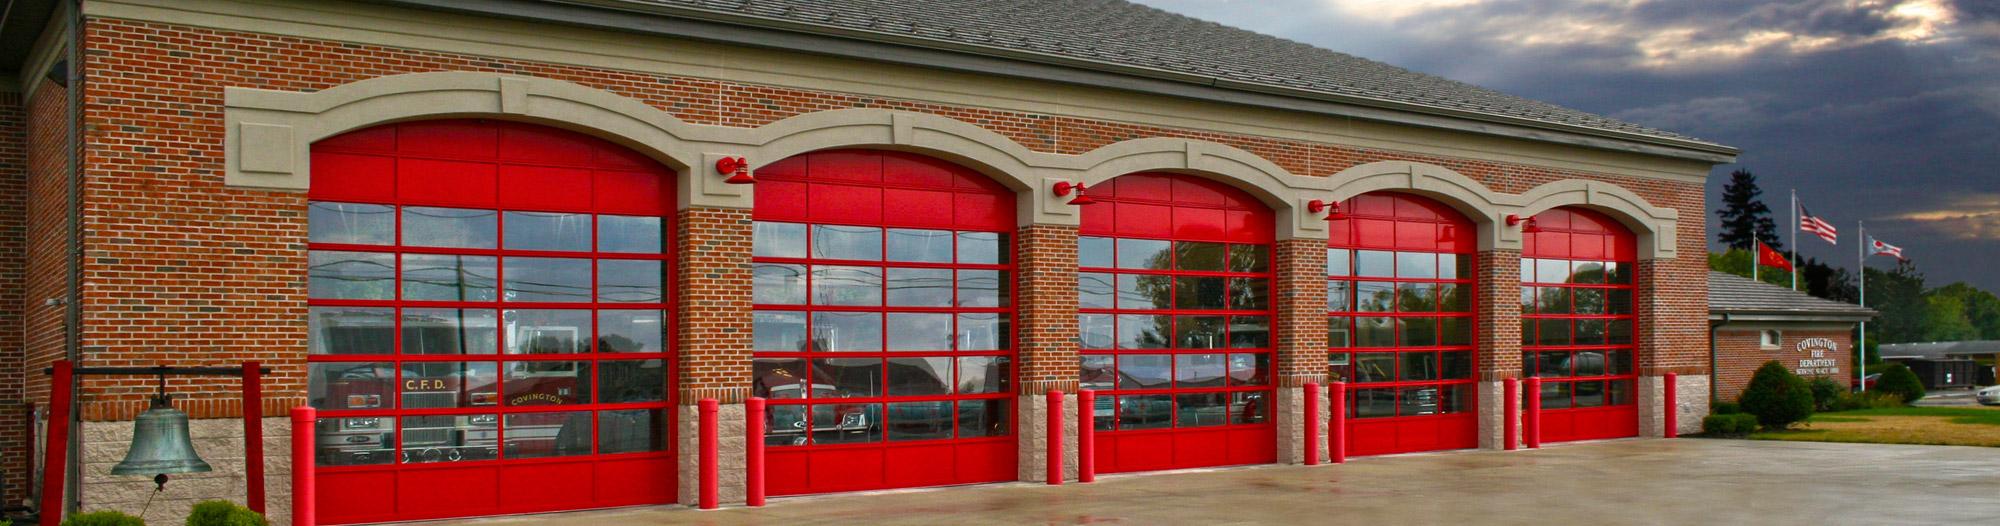 Garage doors toledo ohio commercial garage door repair service in toledo ohio garage doors - Overhead door of toledo ...